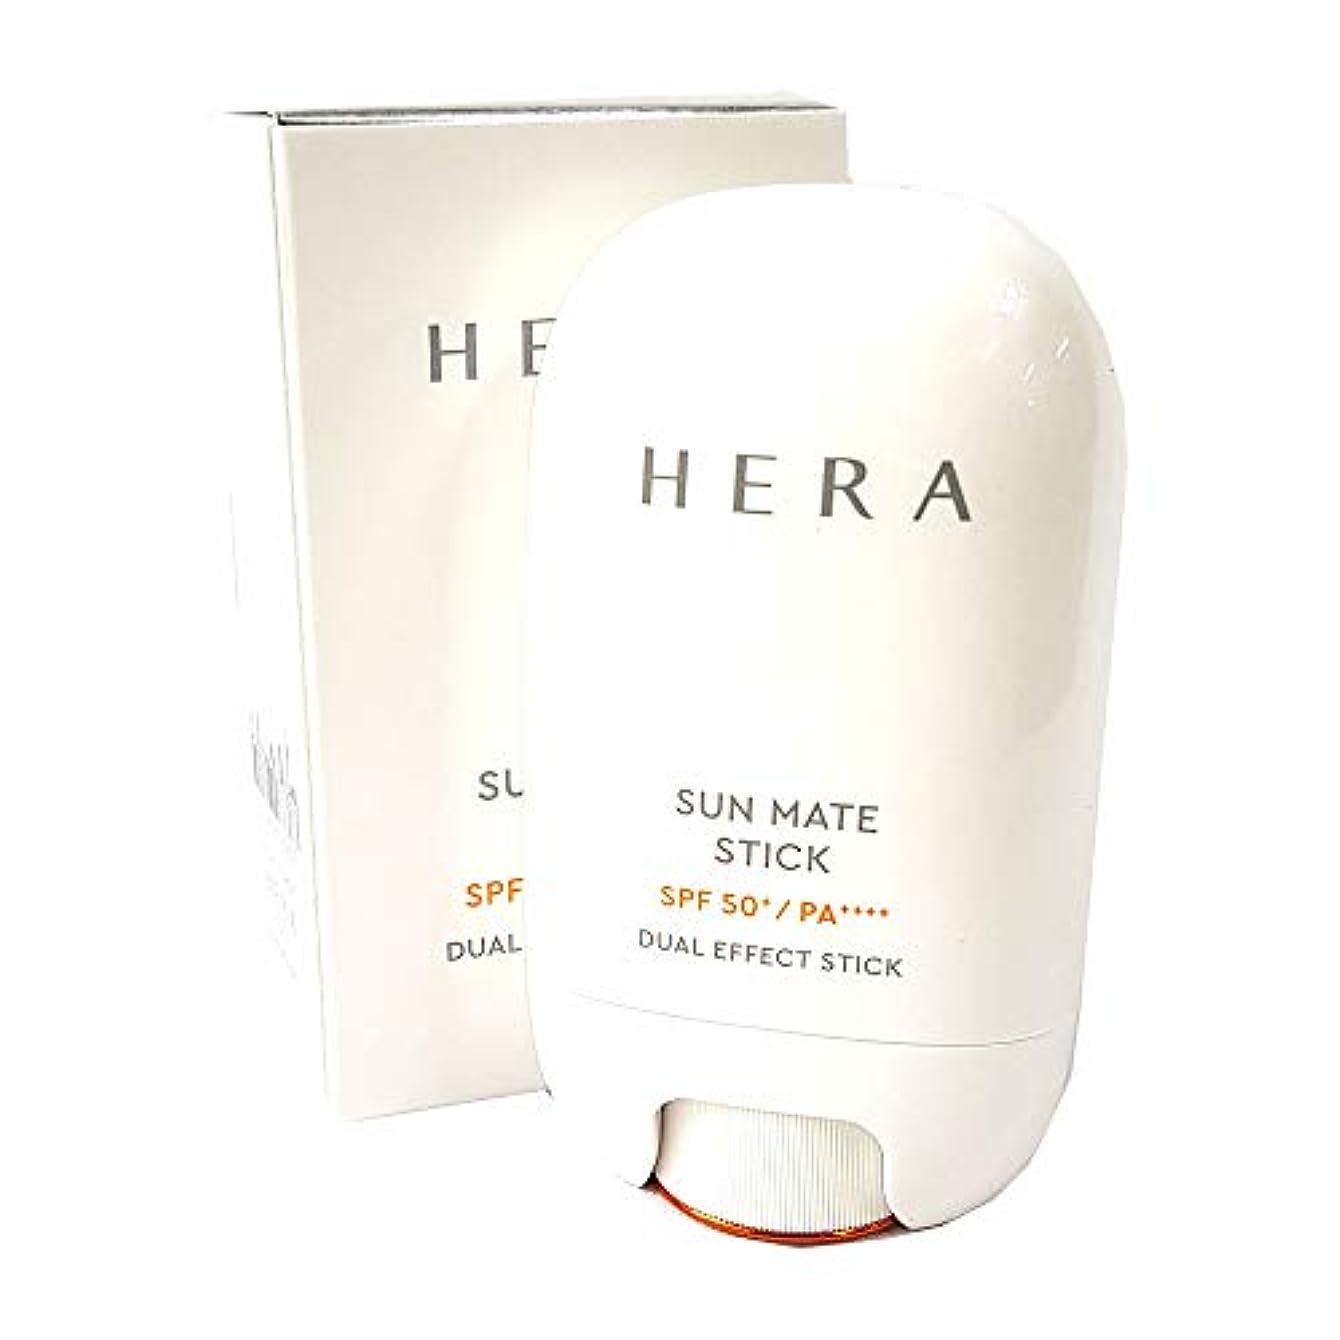 HERA ヘラ サン メイト スティック 20g, SUN MATE STICK SPF50+ PA++++, 2019 NEW